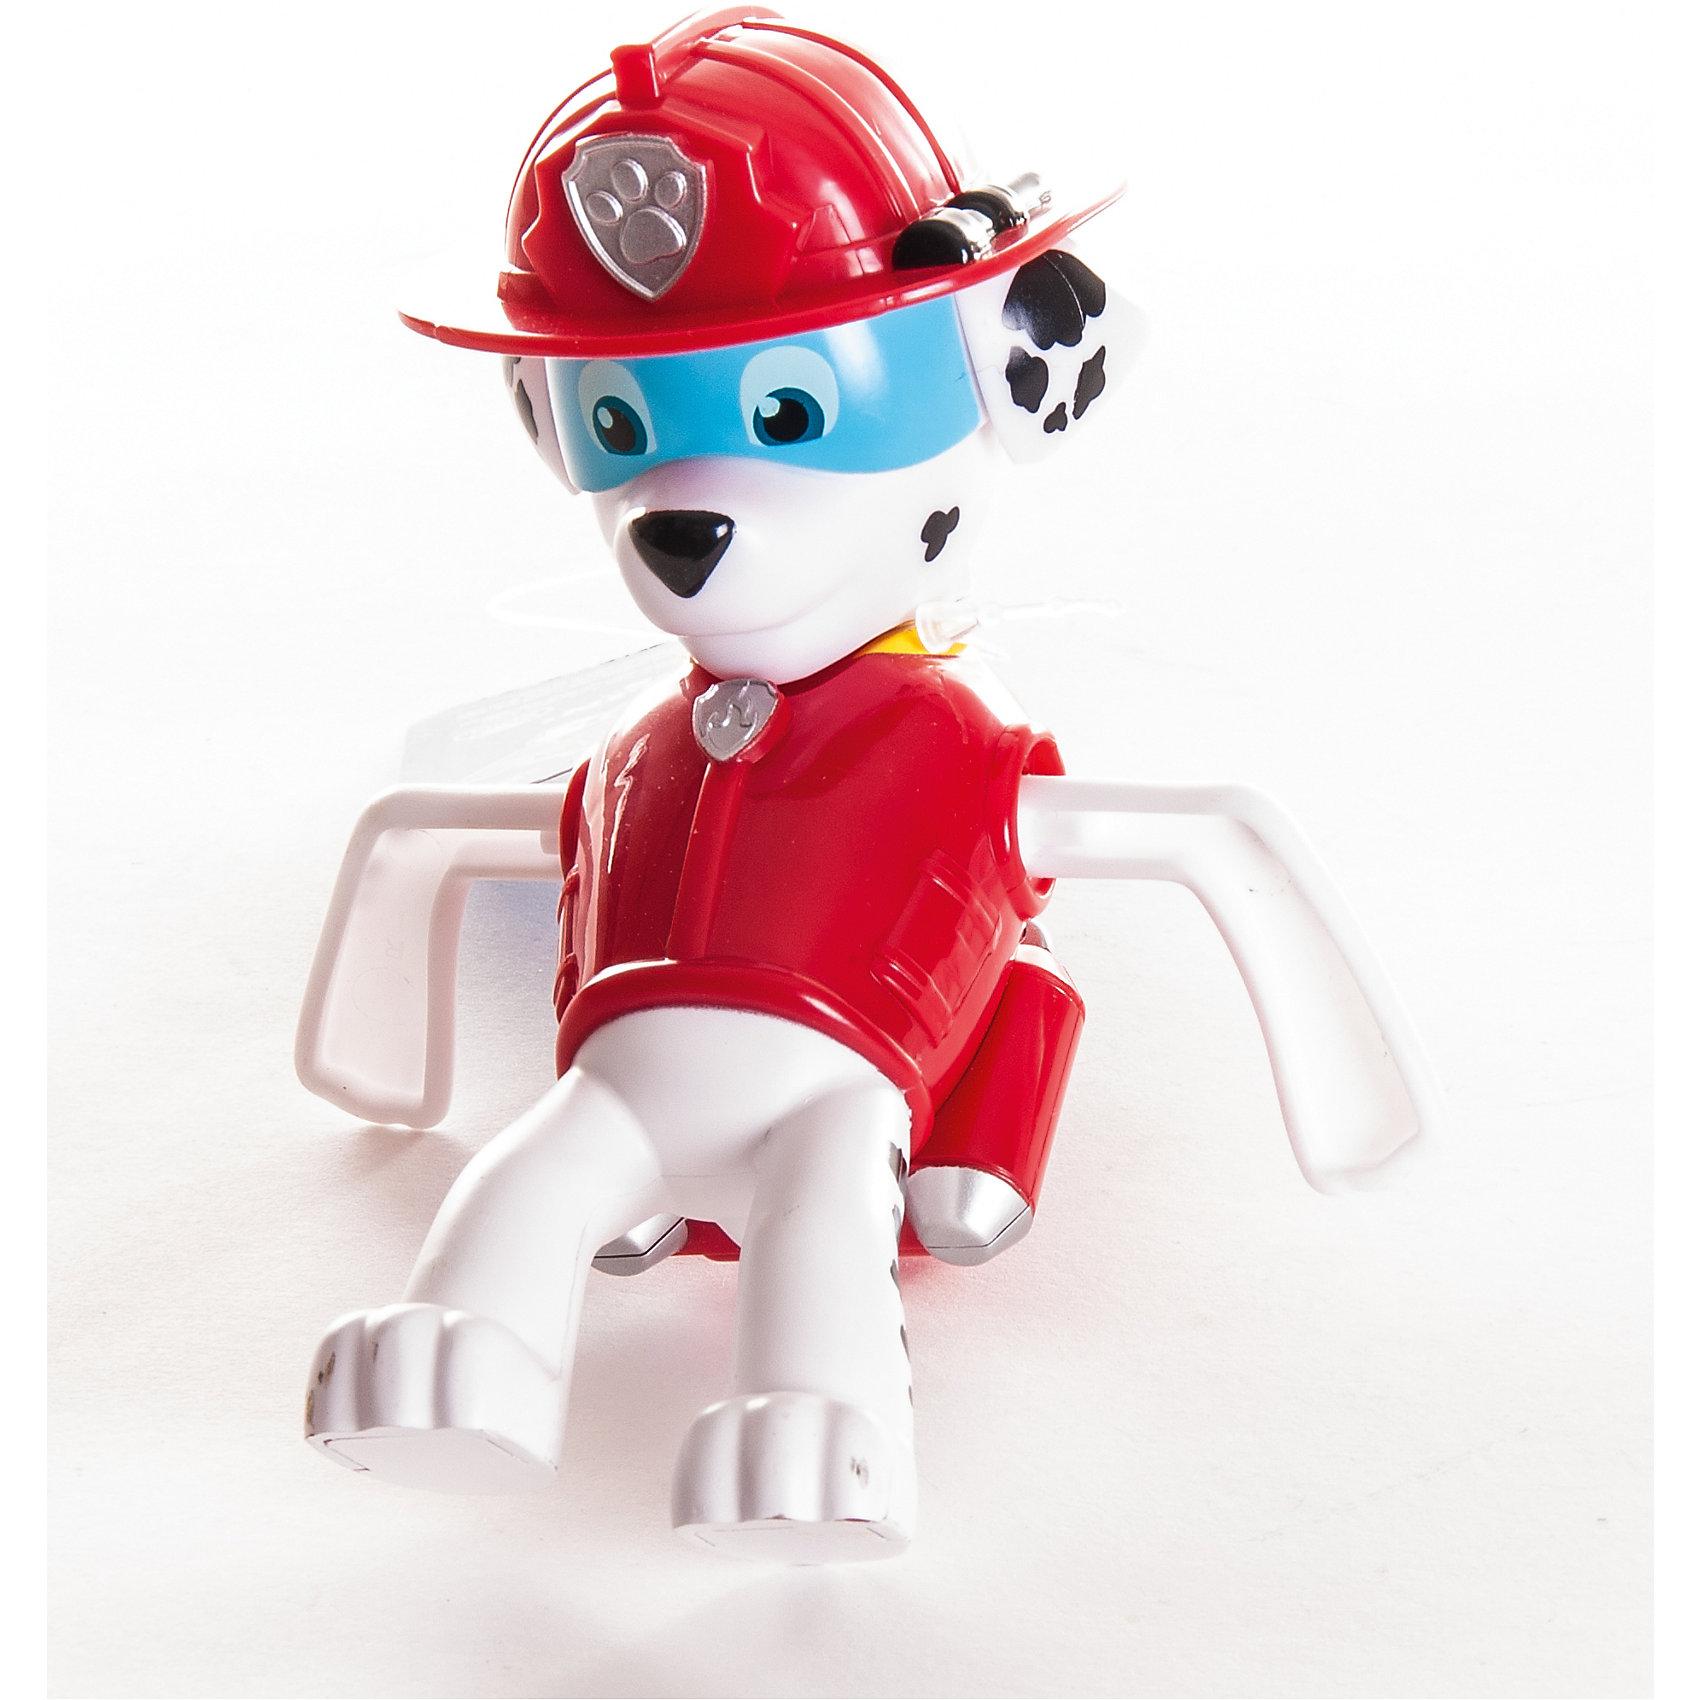 Игрушка для ванной заводная Маршал, Щенячий патруль, Spin MasterИгровые наборы<br>Характеристики:<br><br>• особенности игрушки: заводная;<br>• материал: пластик;<br>• размер фигурки: 13 см;<br>• размер упаковки: 13х6х8 см;<br>• вес: 190 г.<br><br>Заводная игрушка для купания – персонаж из мультсериала для детей Paw Patrol. Игрушка с моторчиком, весело плавает в ванной. Малыш наблюдает за щенком, старается ухватить его ручками. <br><br>Игрушку для ванной заводную Маршал, Щенячий патруль, Spin Master можно купить в нашем магазине.<br><br>Ширина мм: 130<br>Глубина мм: 60<br>Высота мм: 80<br>Вес г: 183<br>Возраст от месяцев: 36<br>Возраст до месяцев: 2147483647<br>Пол: Унисекс<br>Возраст: Детский<br>SKU: 5282098